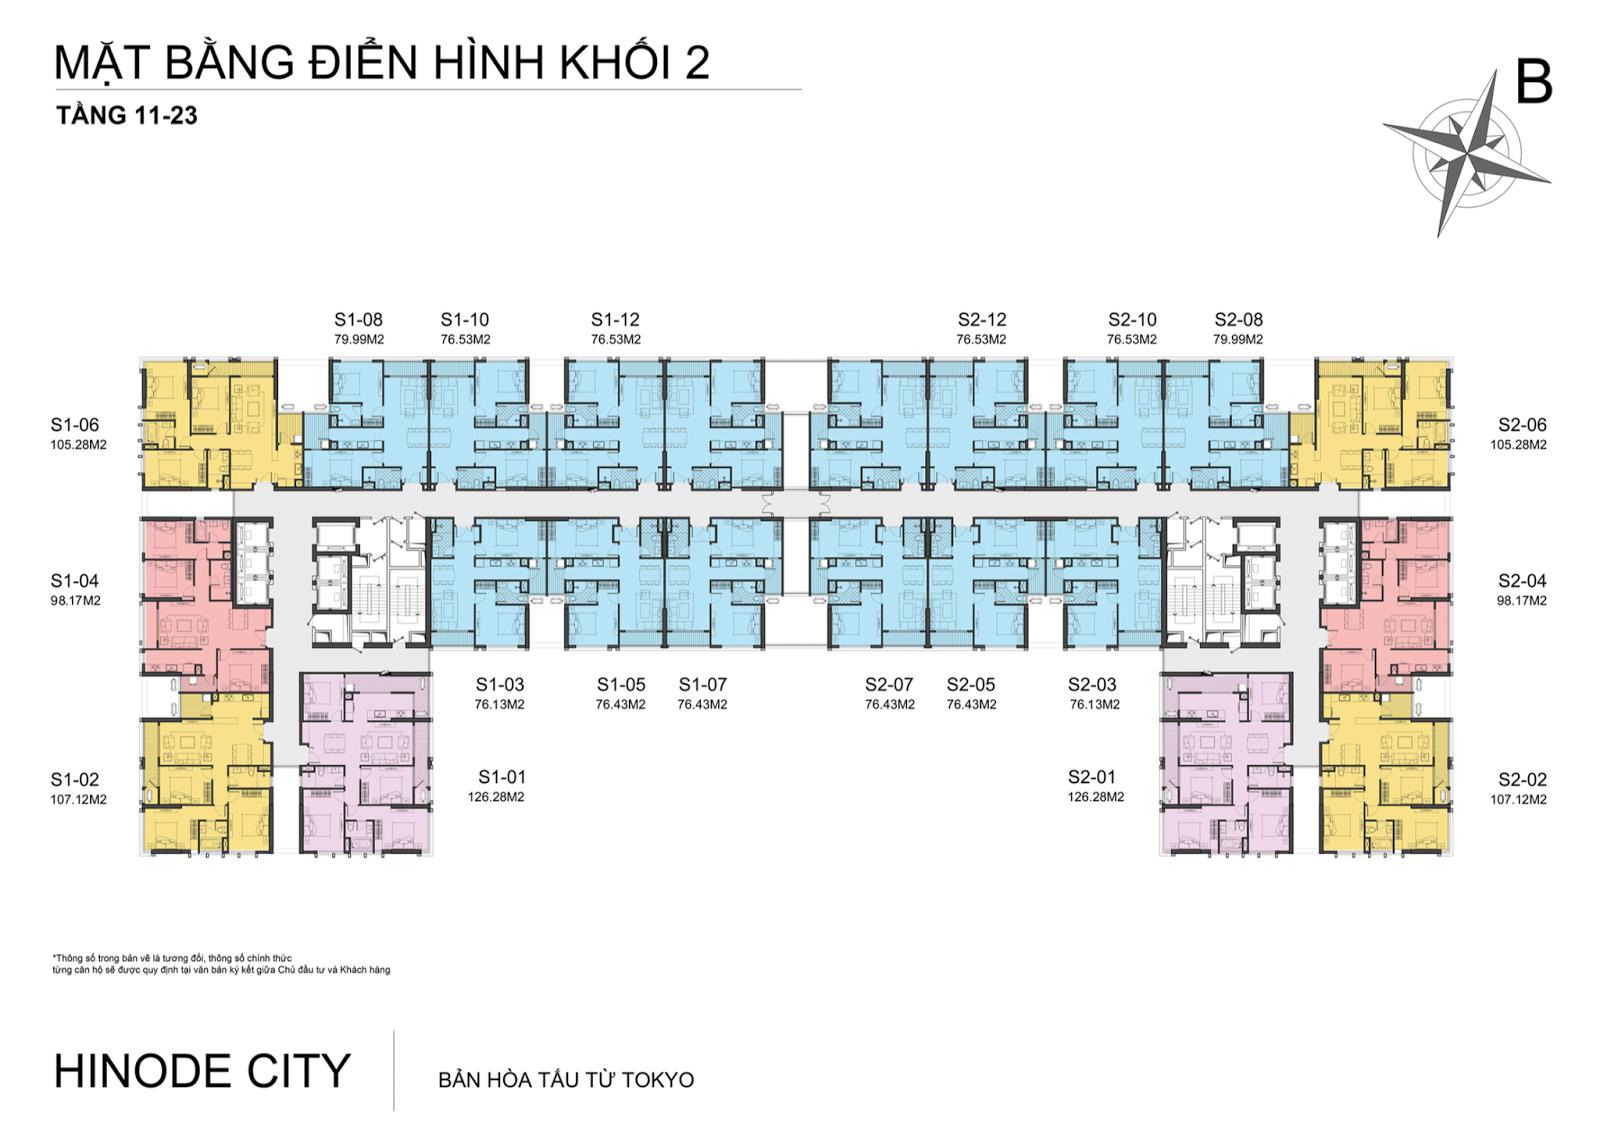 Mặt bằng tầng 11 - 23 chung cư Hinode City